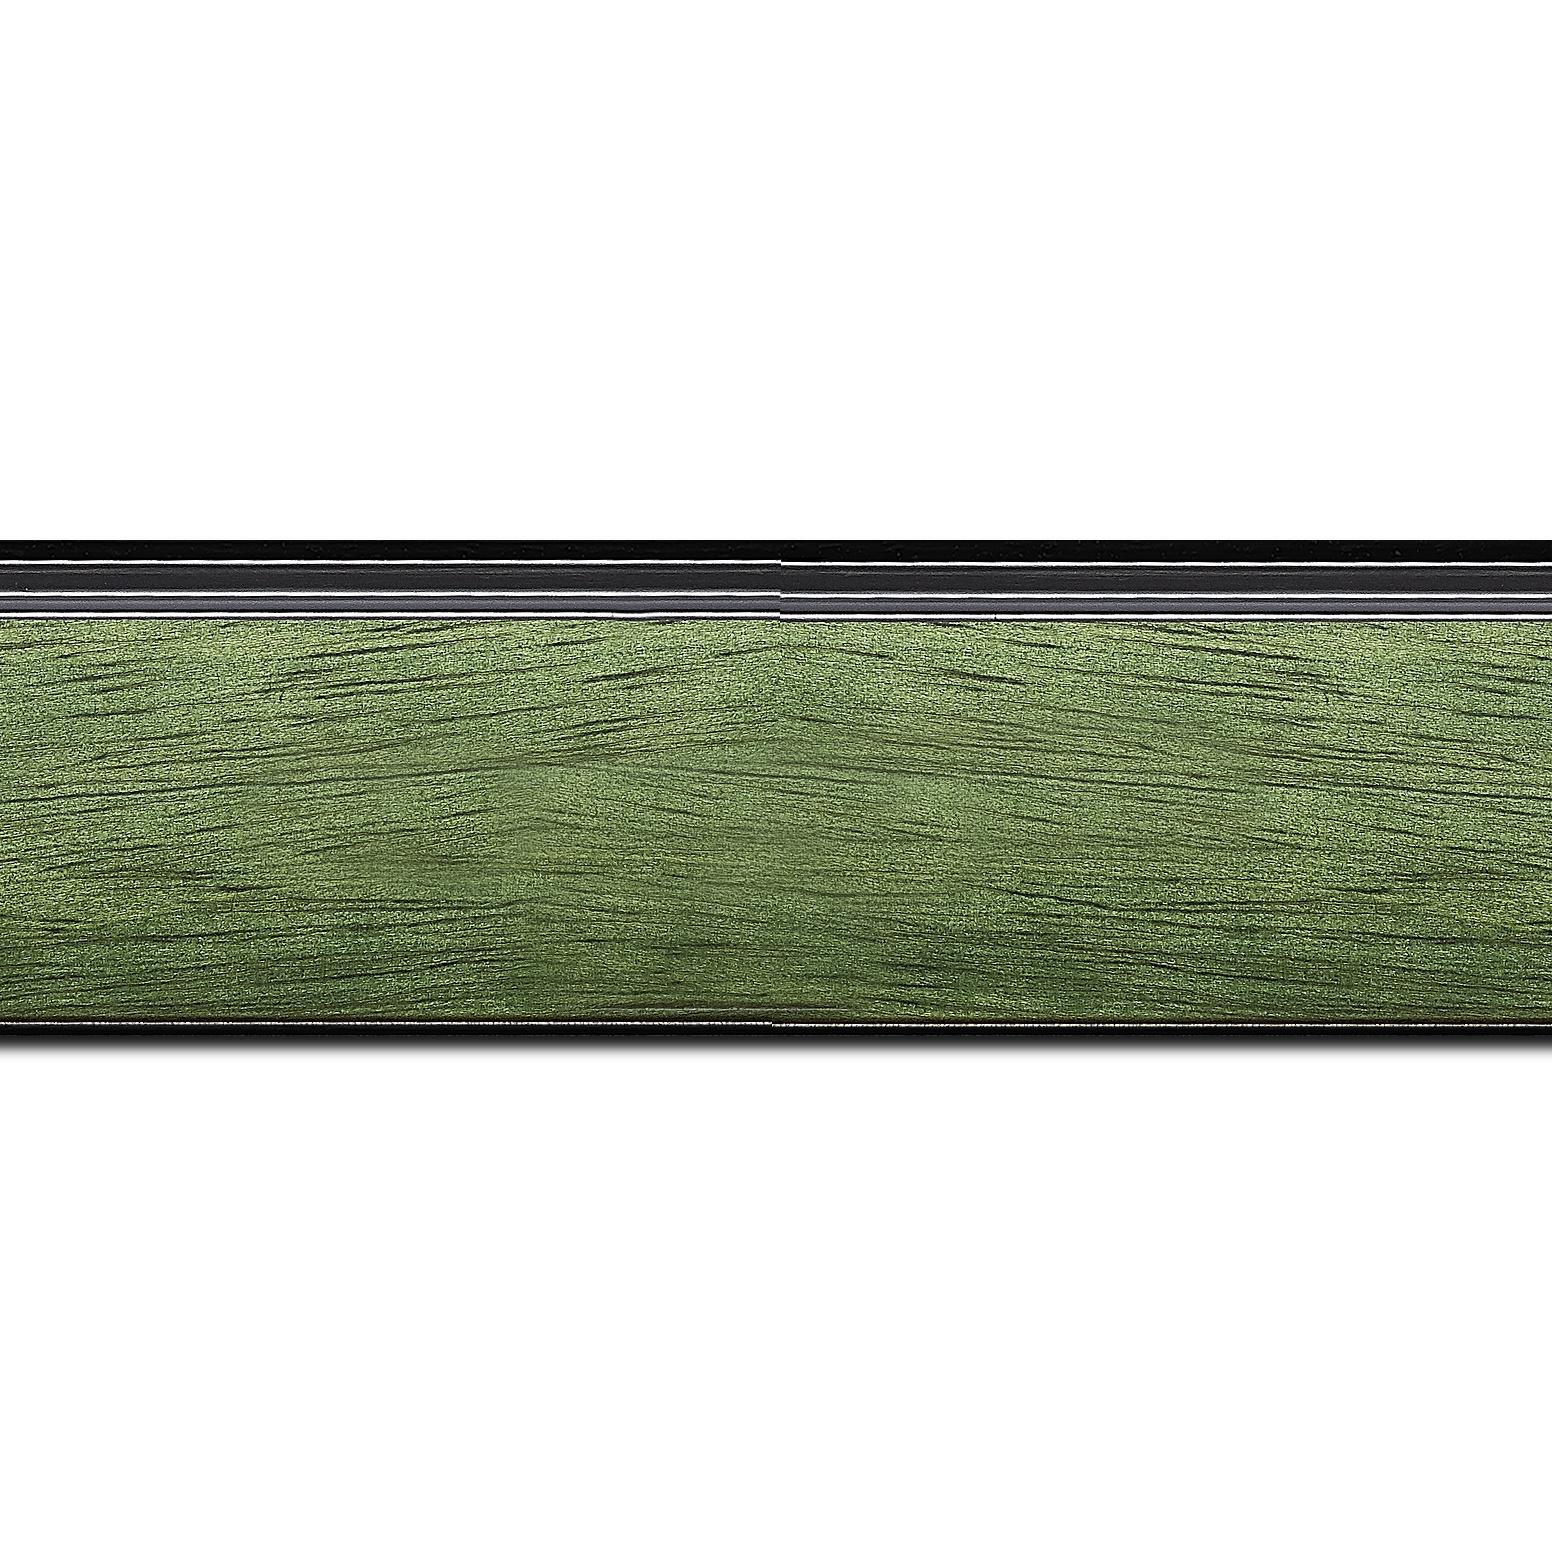 Baguette longueur 1.40m bois profil incliné en pente largeur 4.8cm couleur vert sapin satiné surligné par une gorge extérieure noire : originalité et élégance assurée